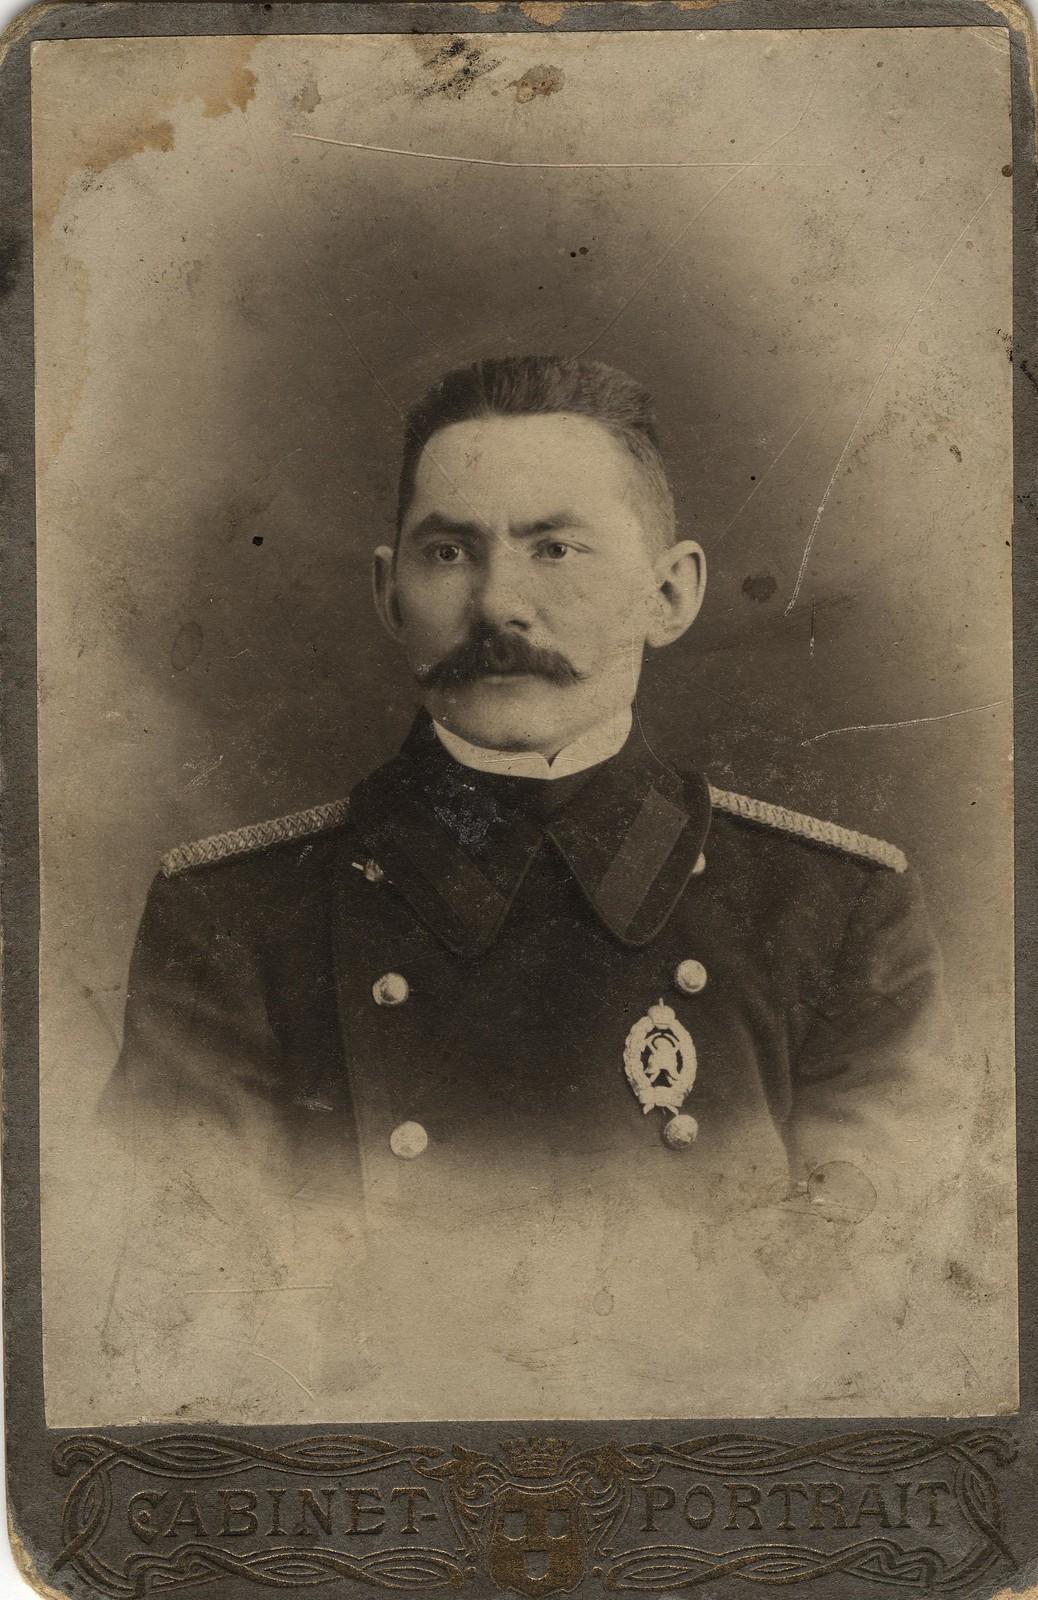 Брандмейстер Водолеев Владимир Николаевич в форме пожарного служителя